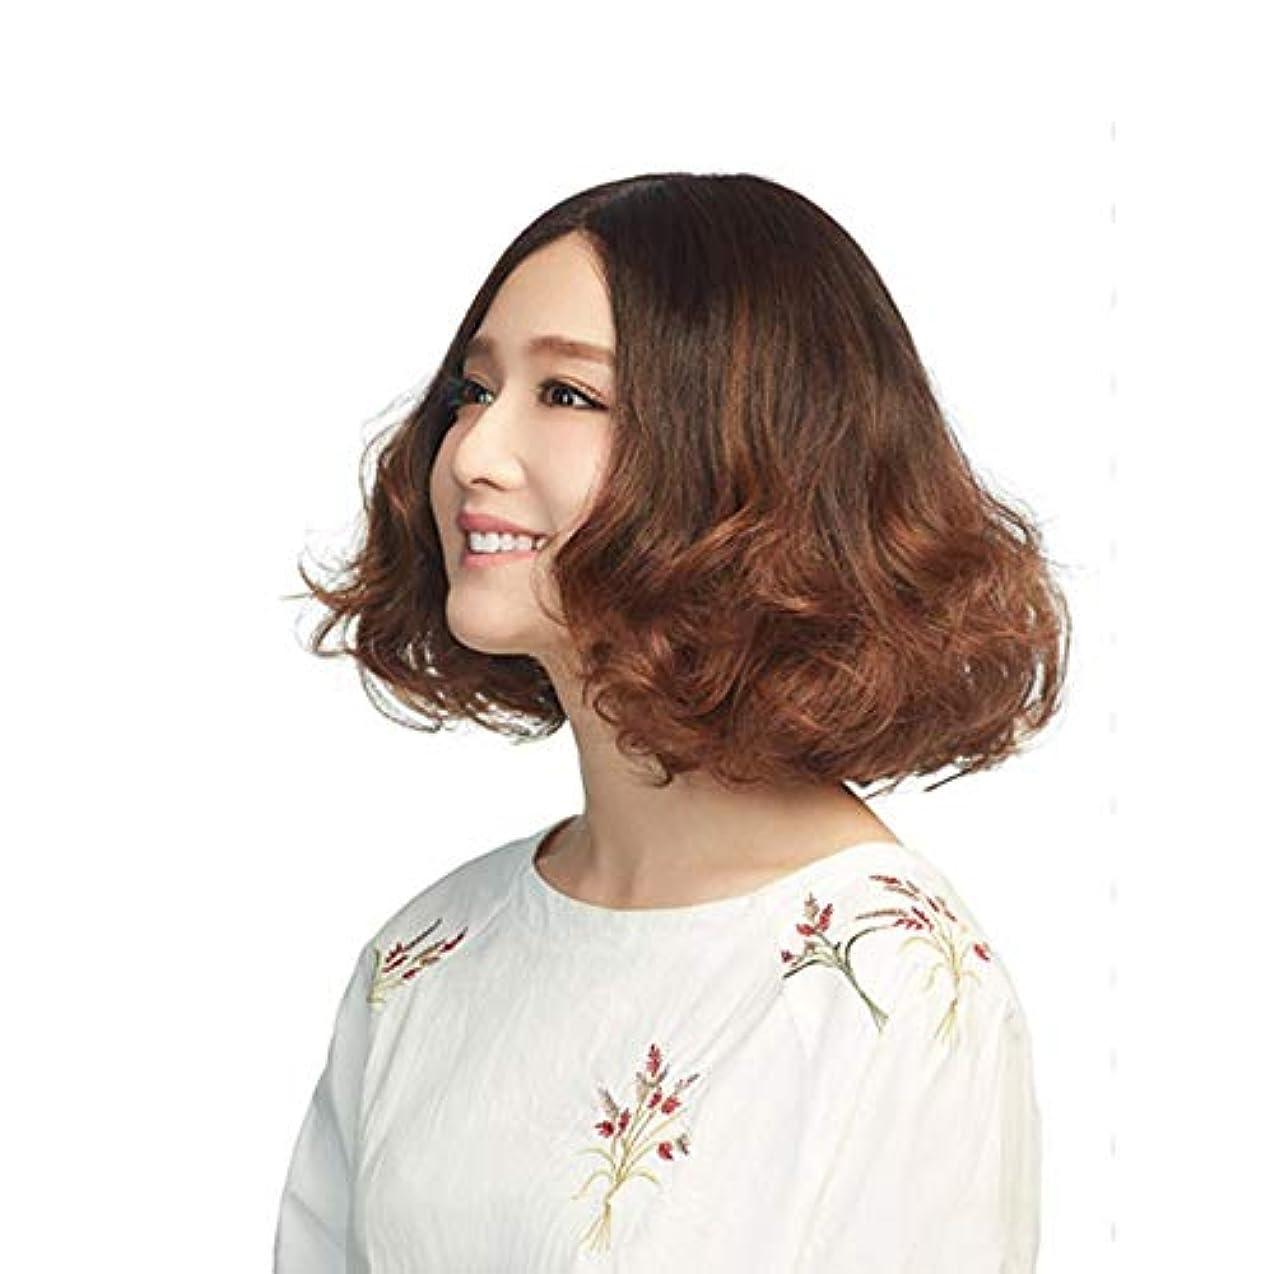 にぎやかポーク共産主義YOUQIU 無料キャップウィッグを持つ女性の茶ショートカーリーヘアふわふわ人工毛 (色 : ブラウン)